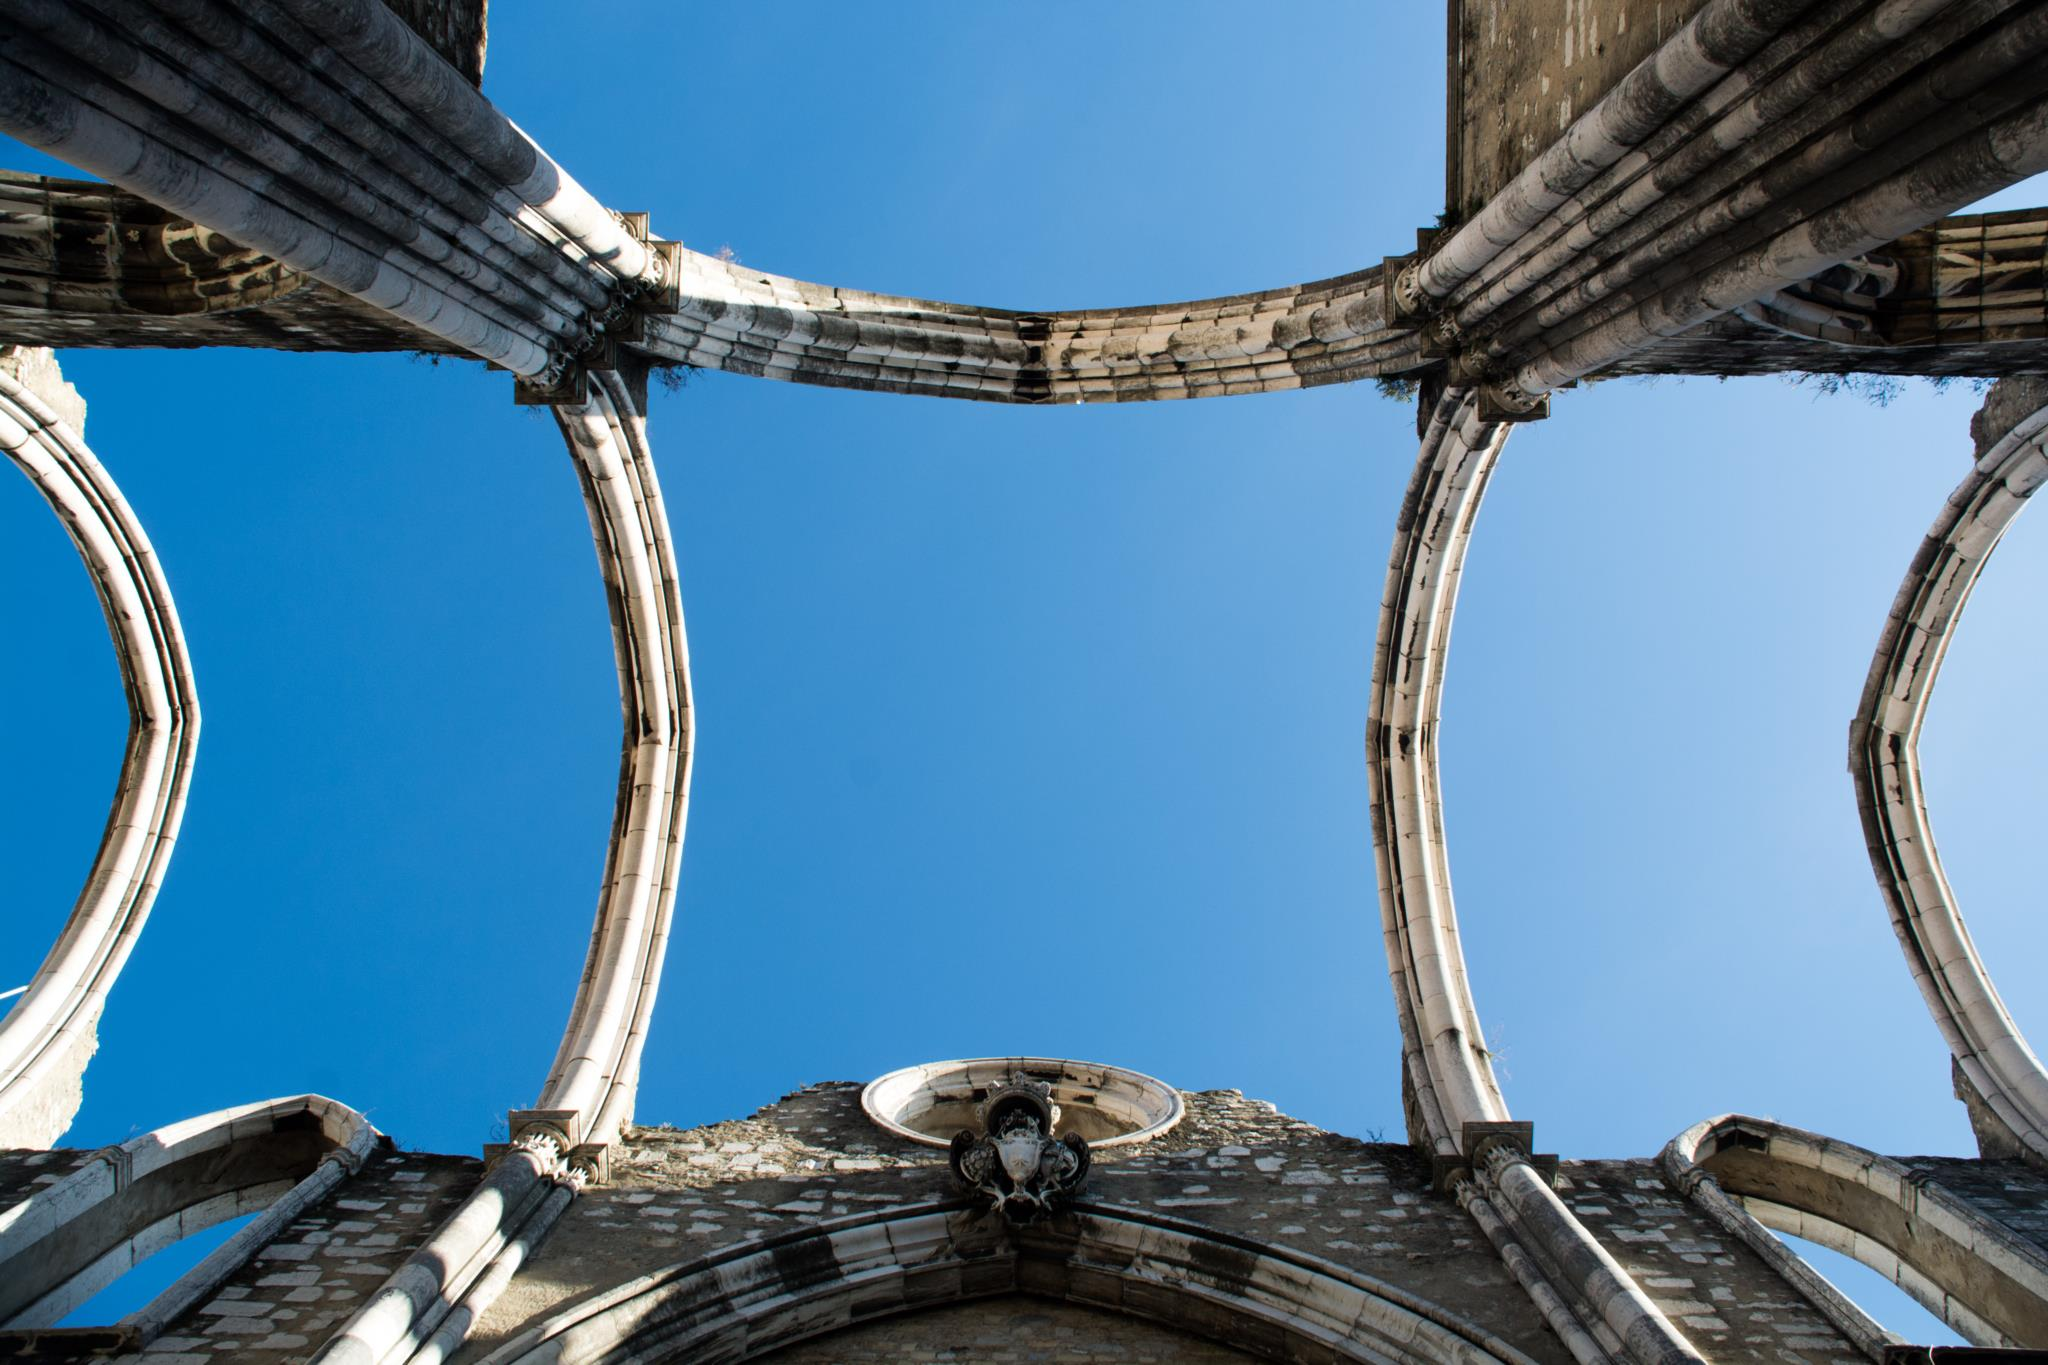 PÚBLICO - Este livro é uma visita ao Convento do Carmo que já não existe